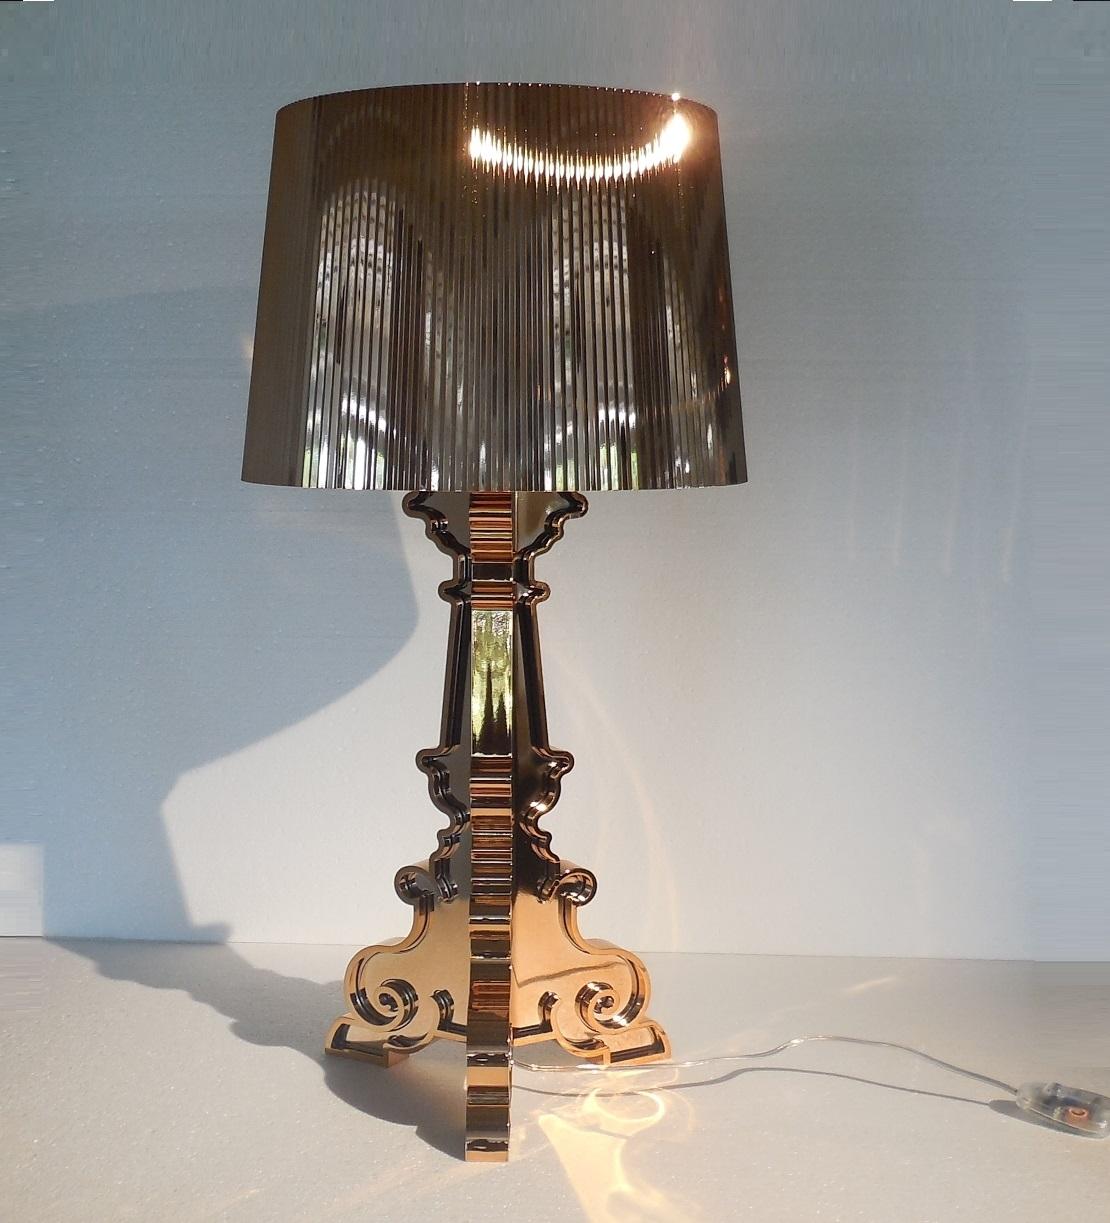 Illuminazione kartell bourgie rame lampada da tavolo kartell plastica lampade da tavolo - Lampade da tavolo prezzi ...